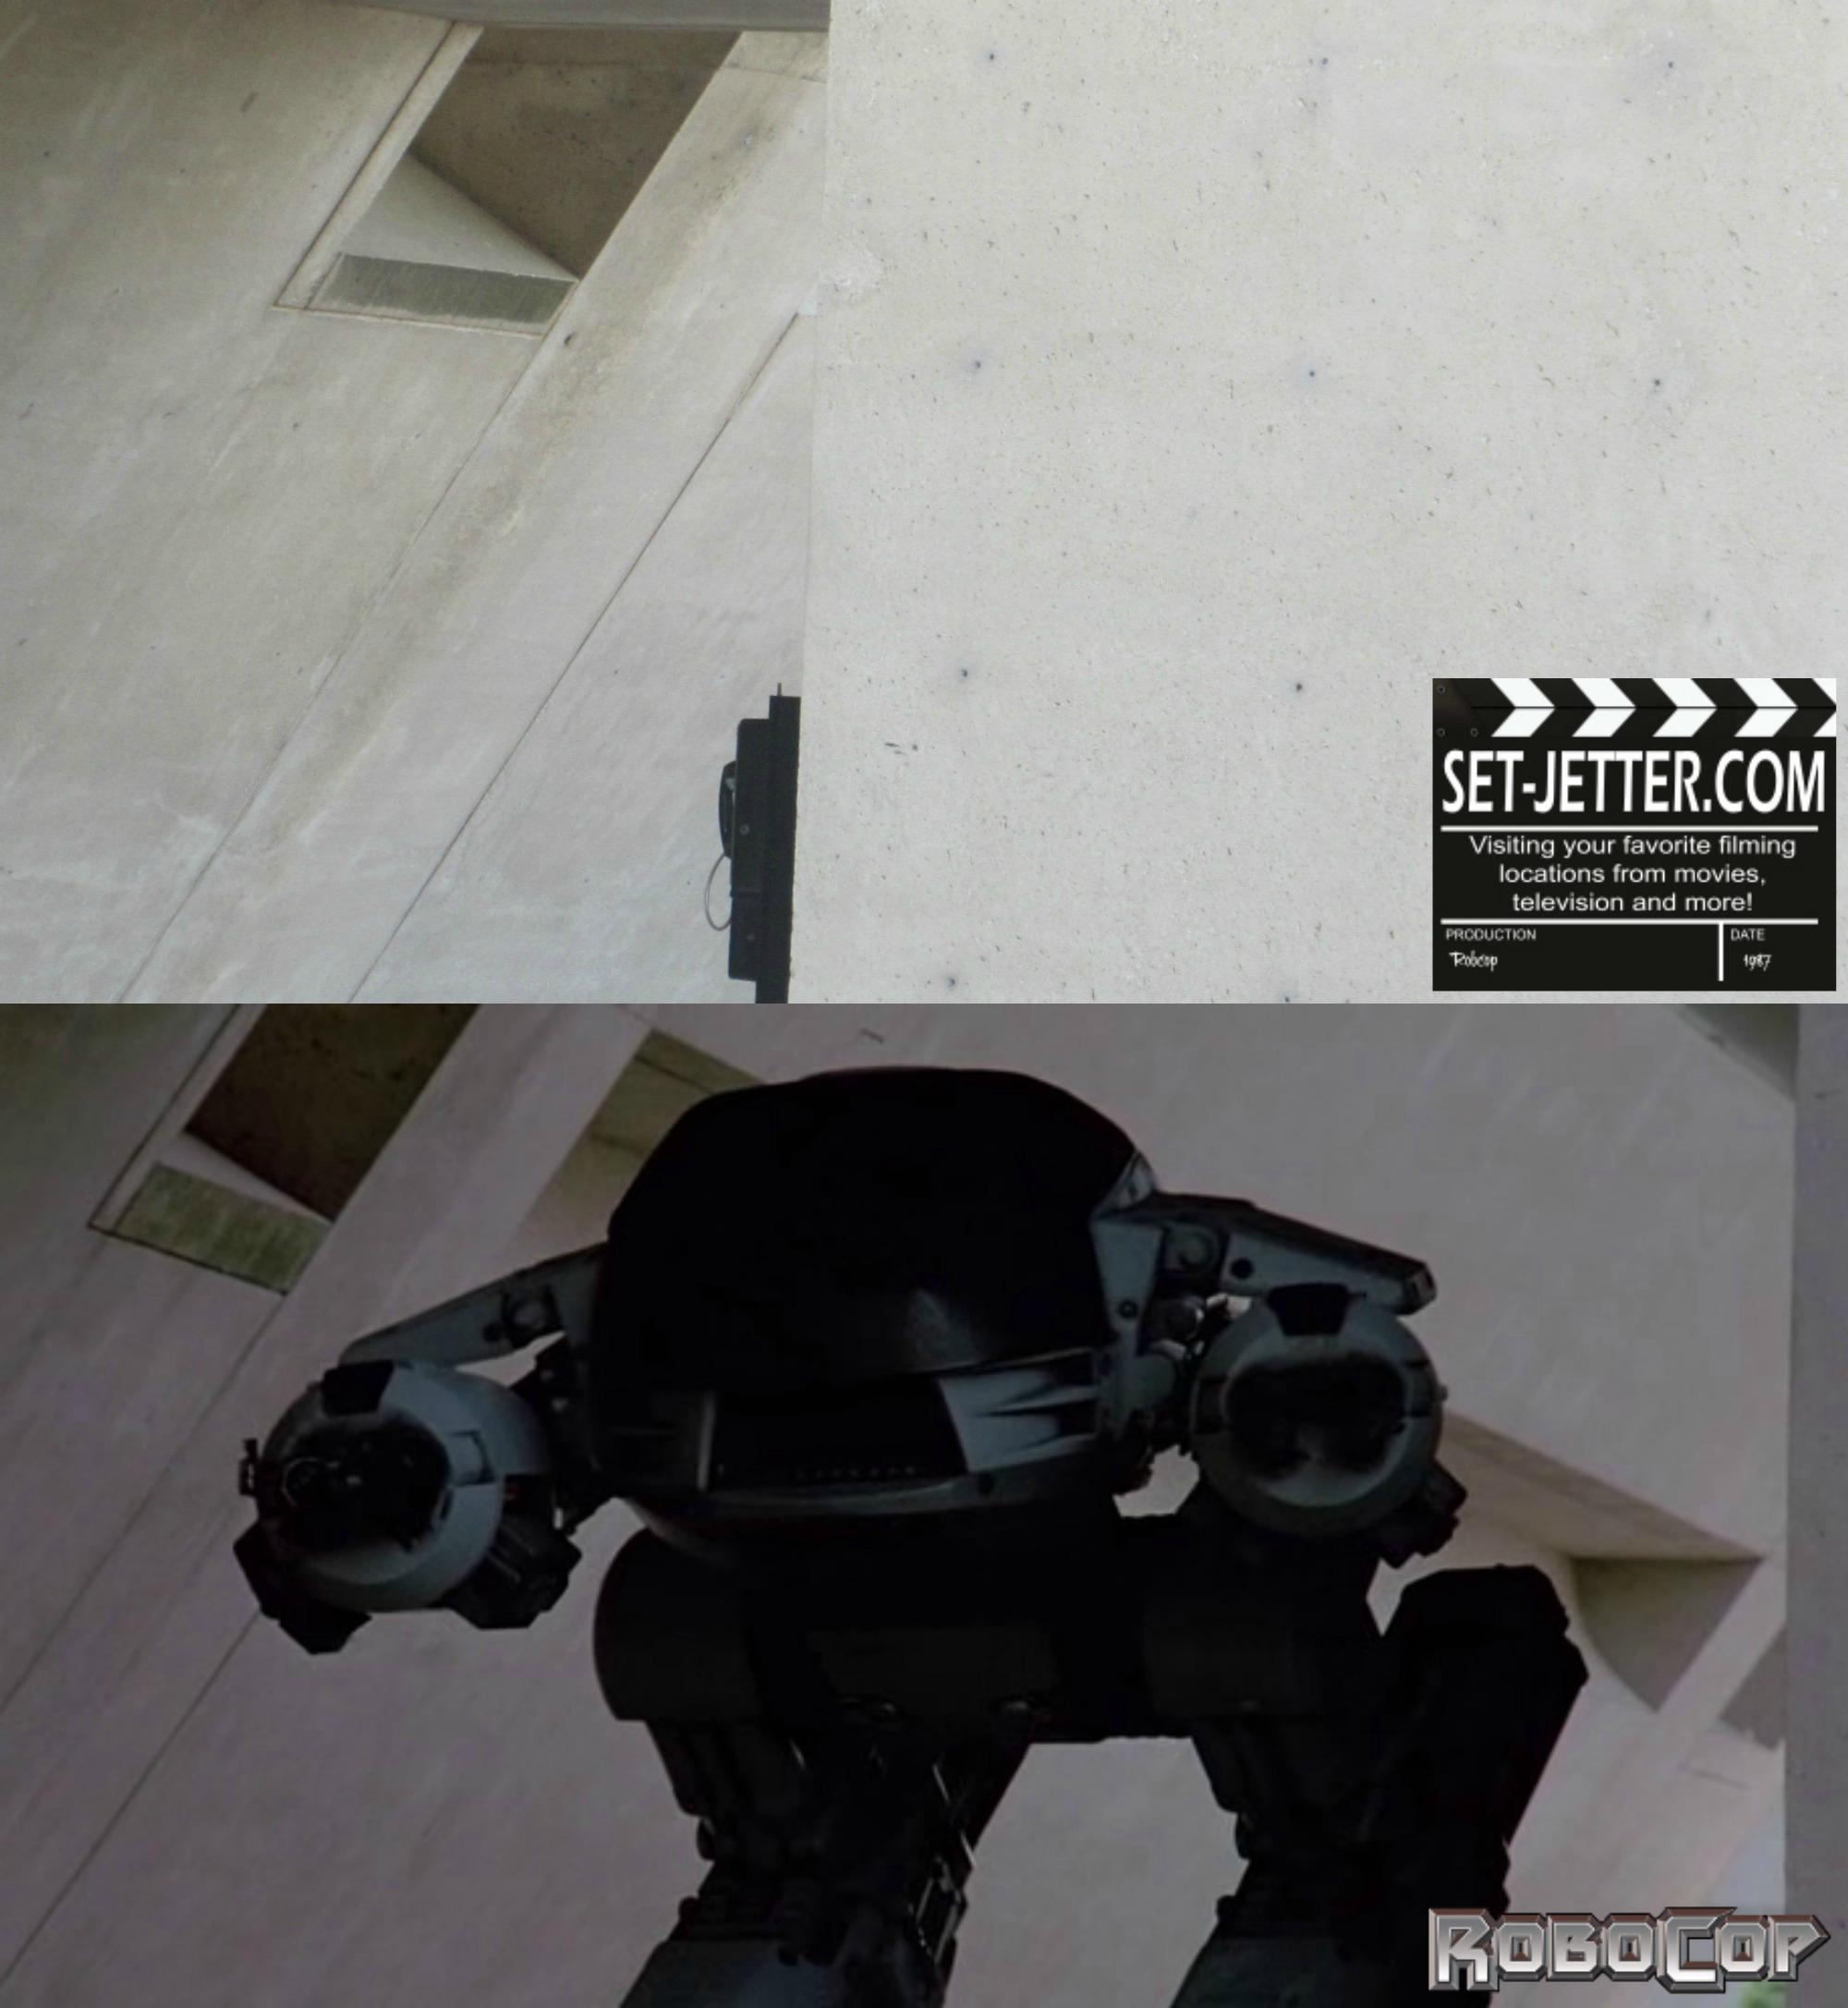 Robocop comparison 162.jpg